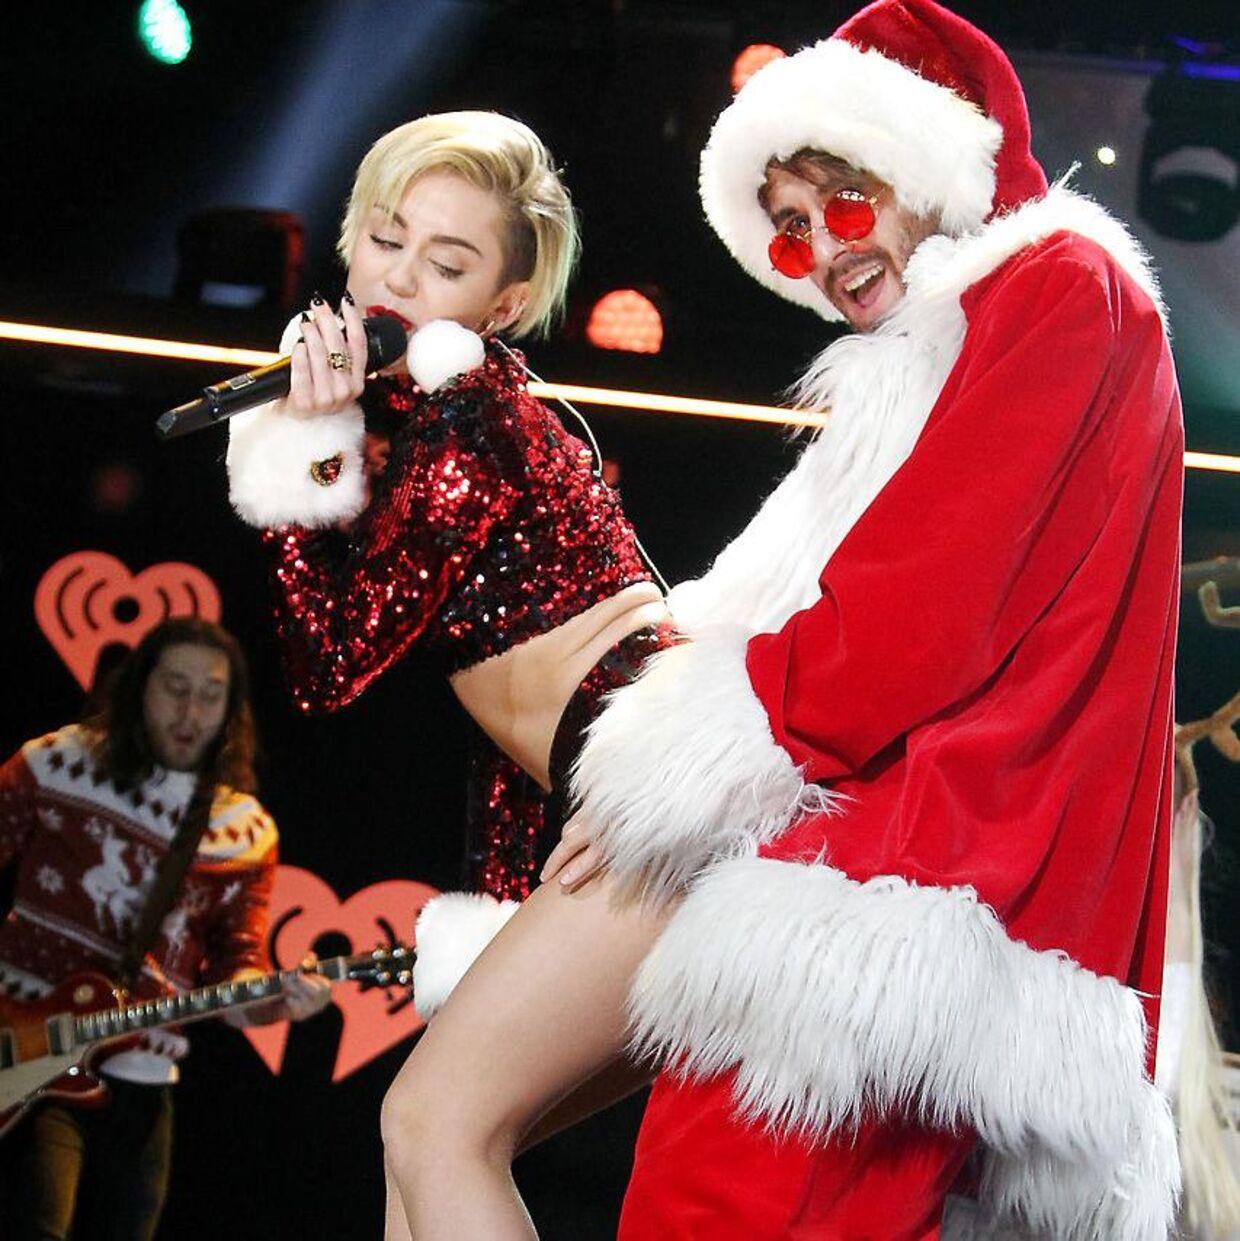 Også musik, navne, talemåder og danse kan man komme galt i byen med. Det kan Miley Cyrus skrive under på.Hun har således fået kritik for at twerke og for at sige 'mammy' i stedet for 'mommy'.